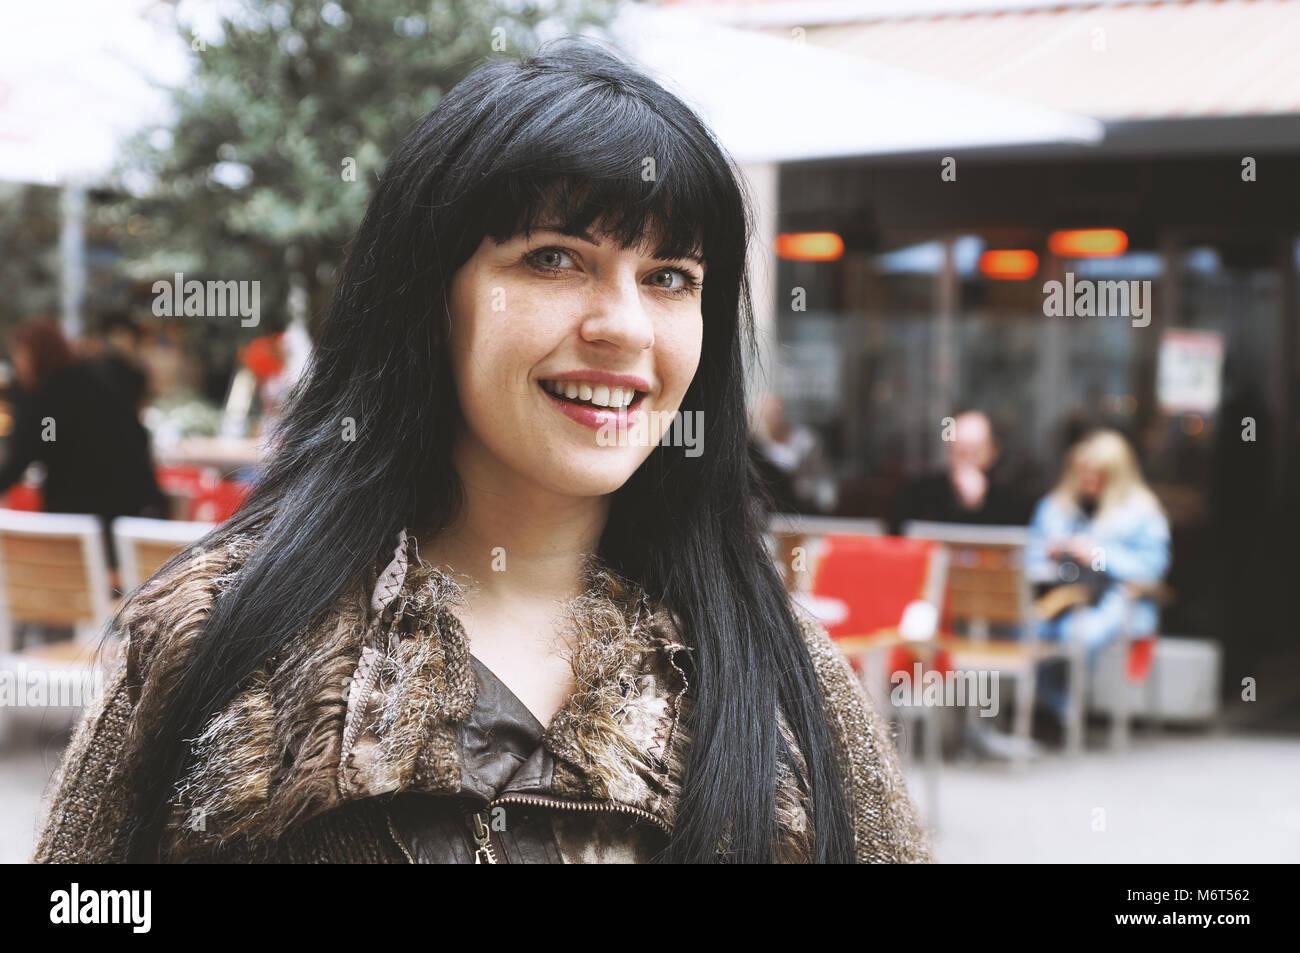 Giovane donna nel centro pedonale di fronte un cafe' all'aperto Immagini Stock